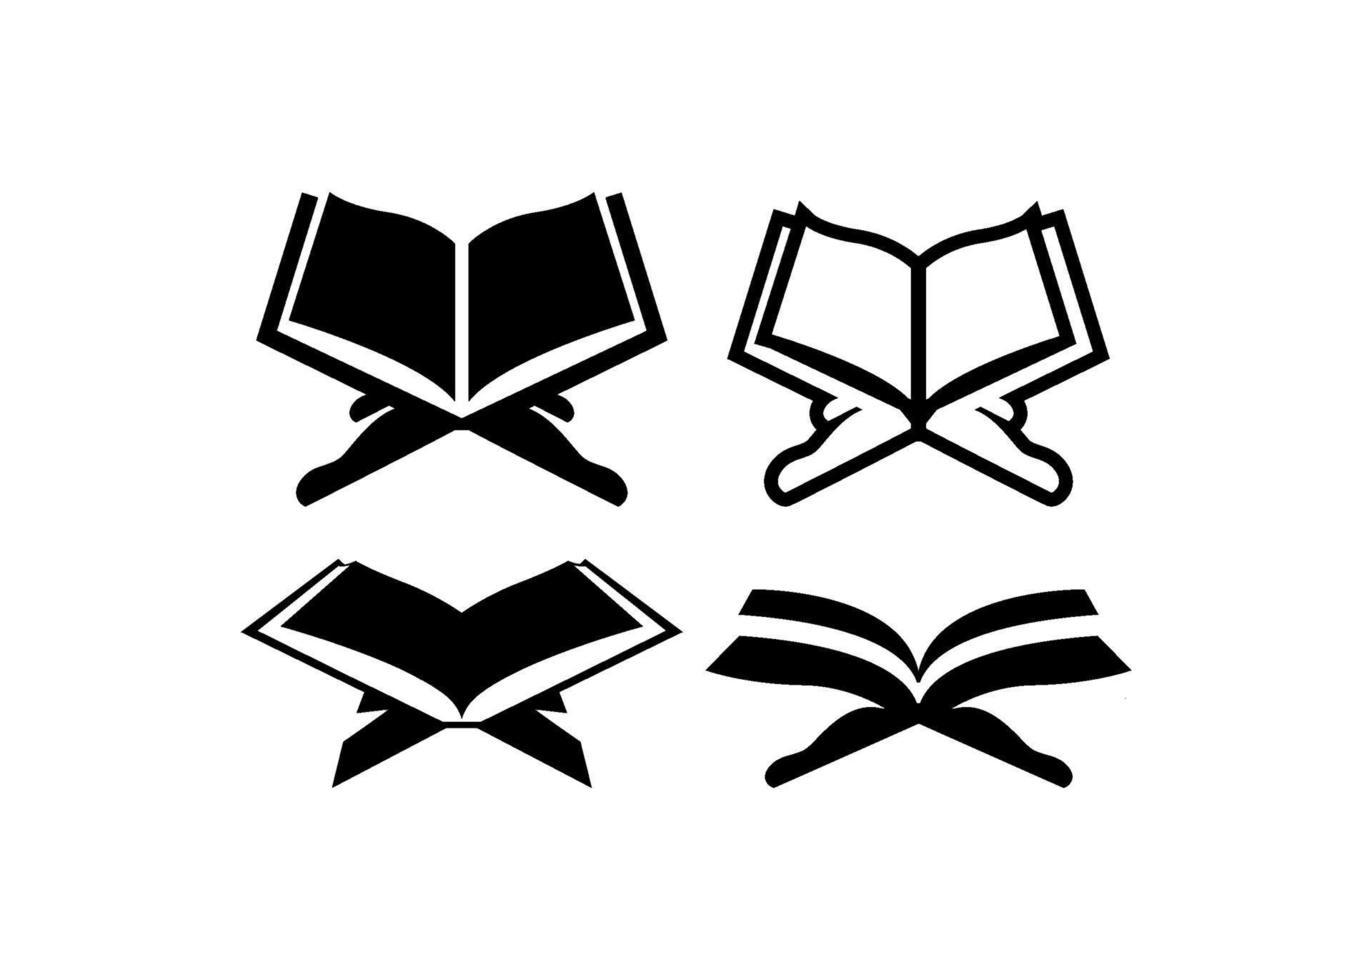 heilige koran pictogram illustratie vector set